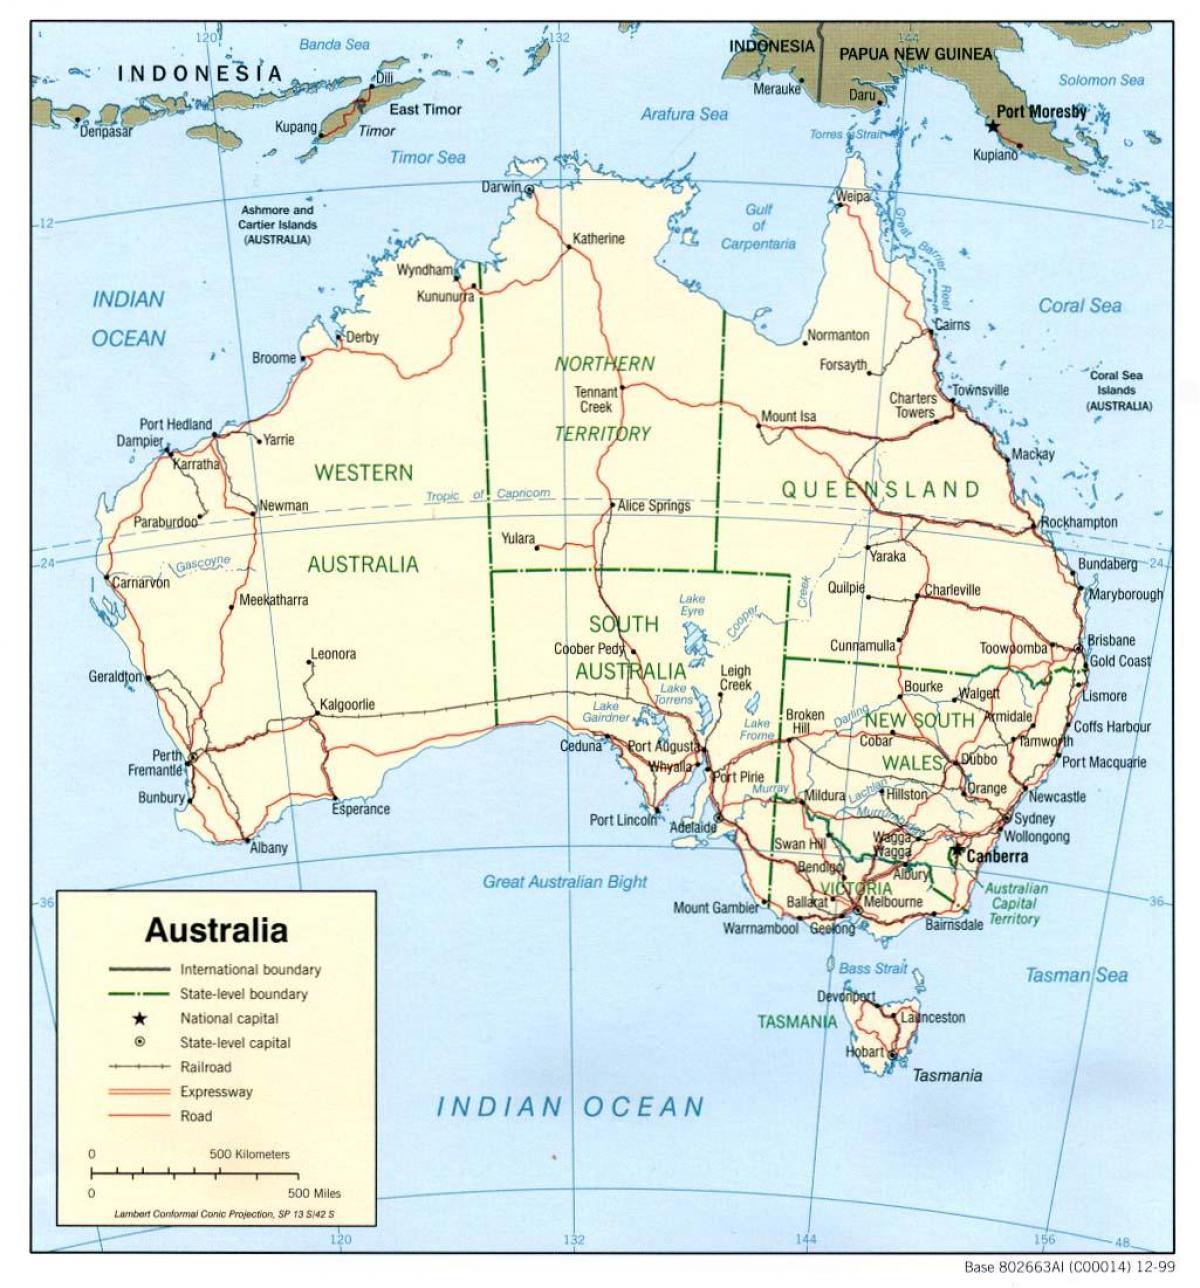 mapa da austrlia oceanos